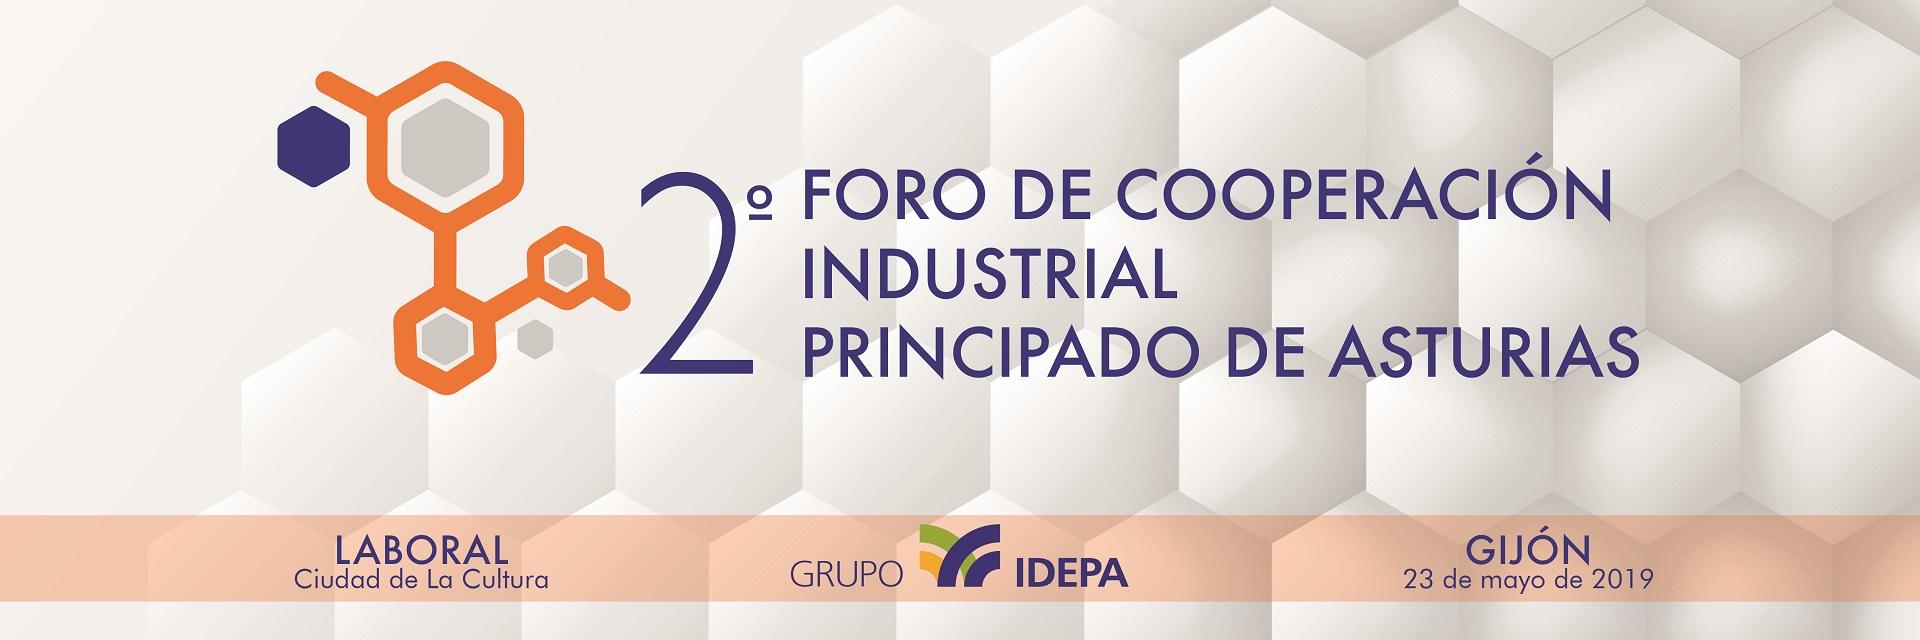 2º Foro de Cooperación Industrial